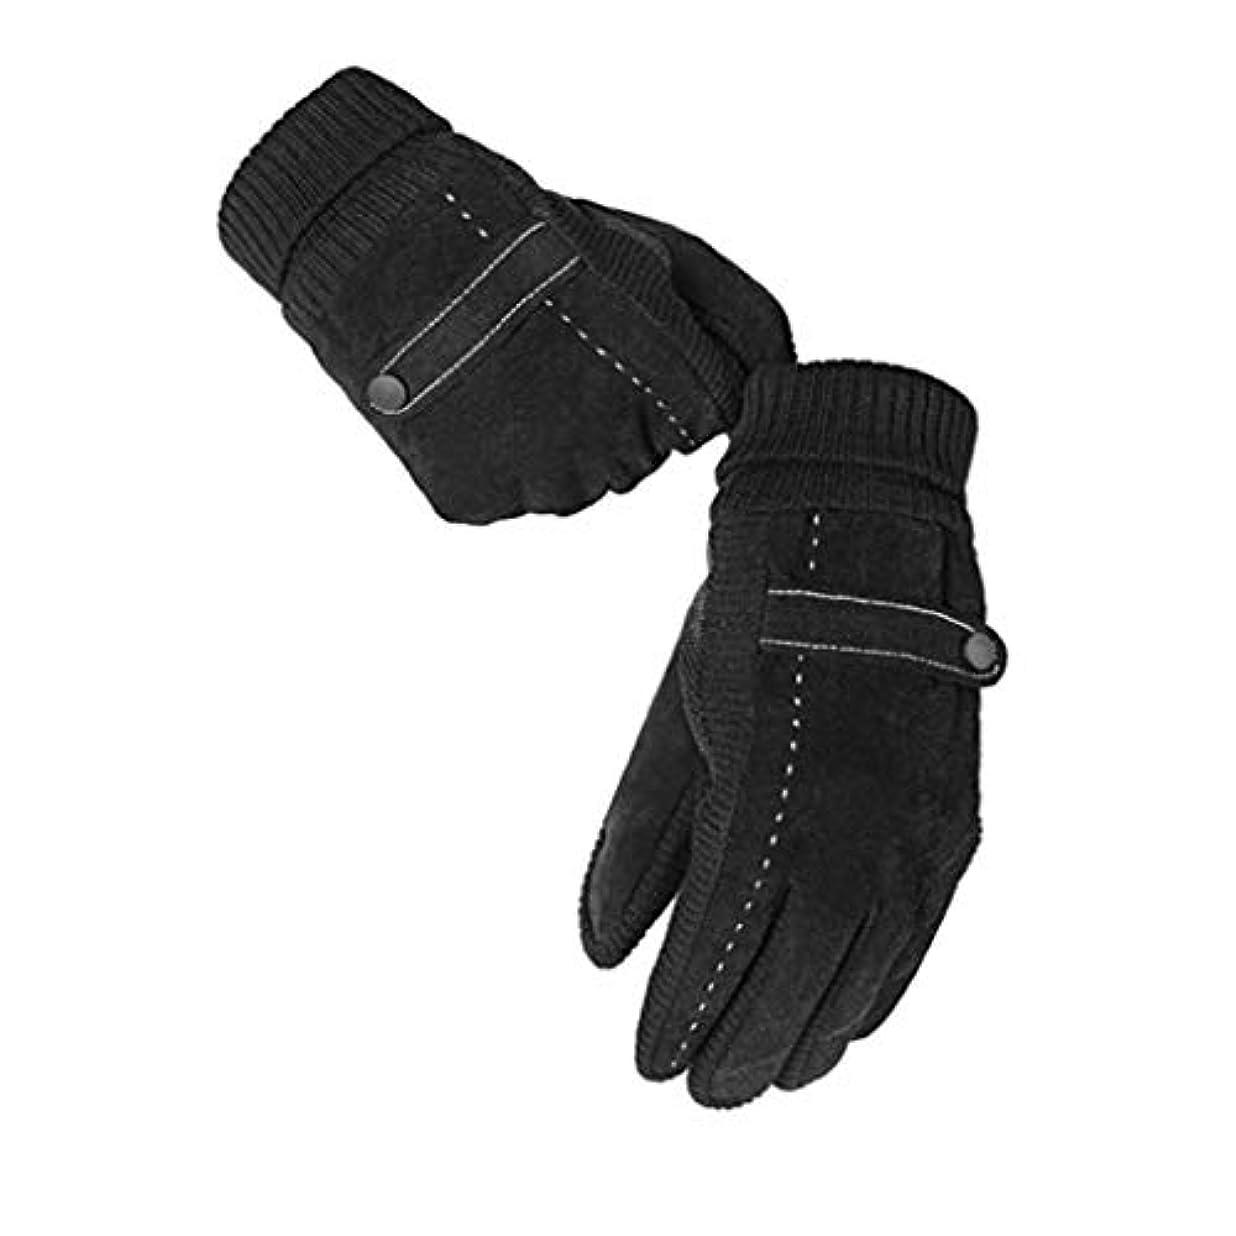 わかりやすい段落斧手袋の男性の暖かいとベルベットの冬のタッチスクリーン革手袋のオートバイのファッション冷たい手袋